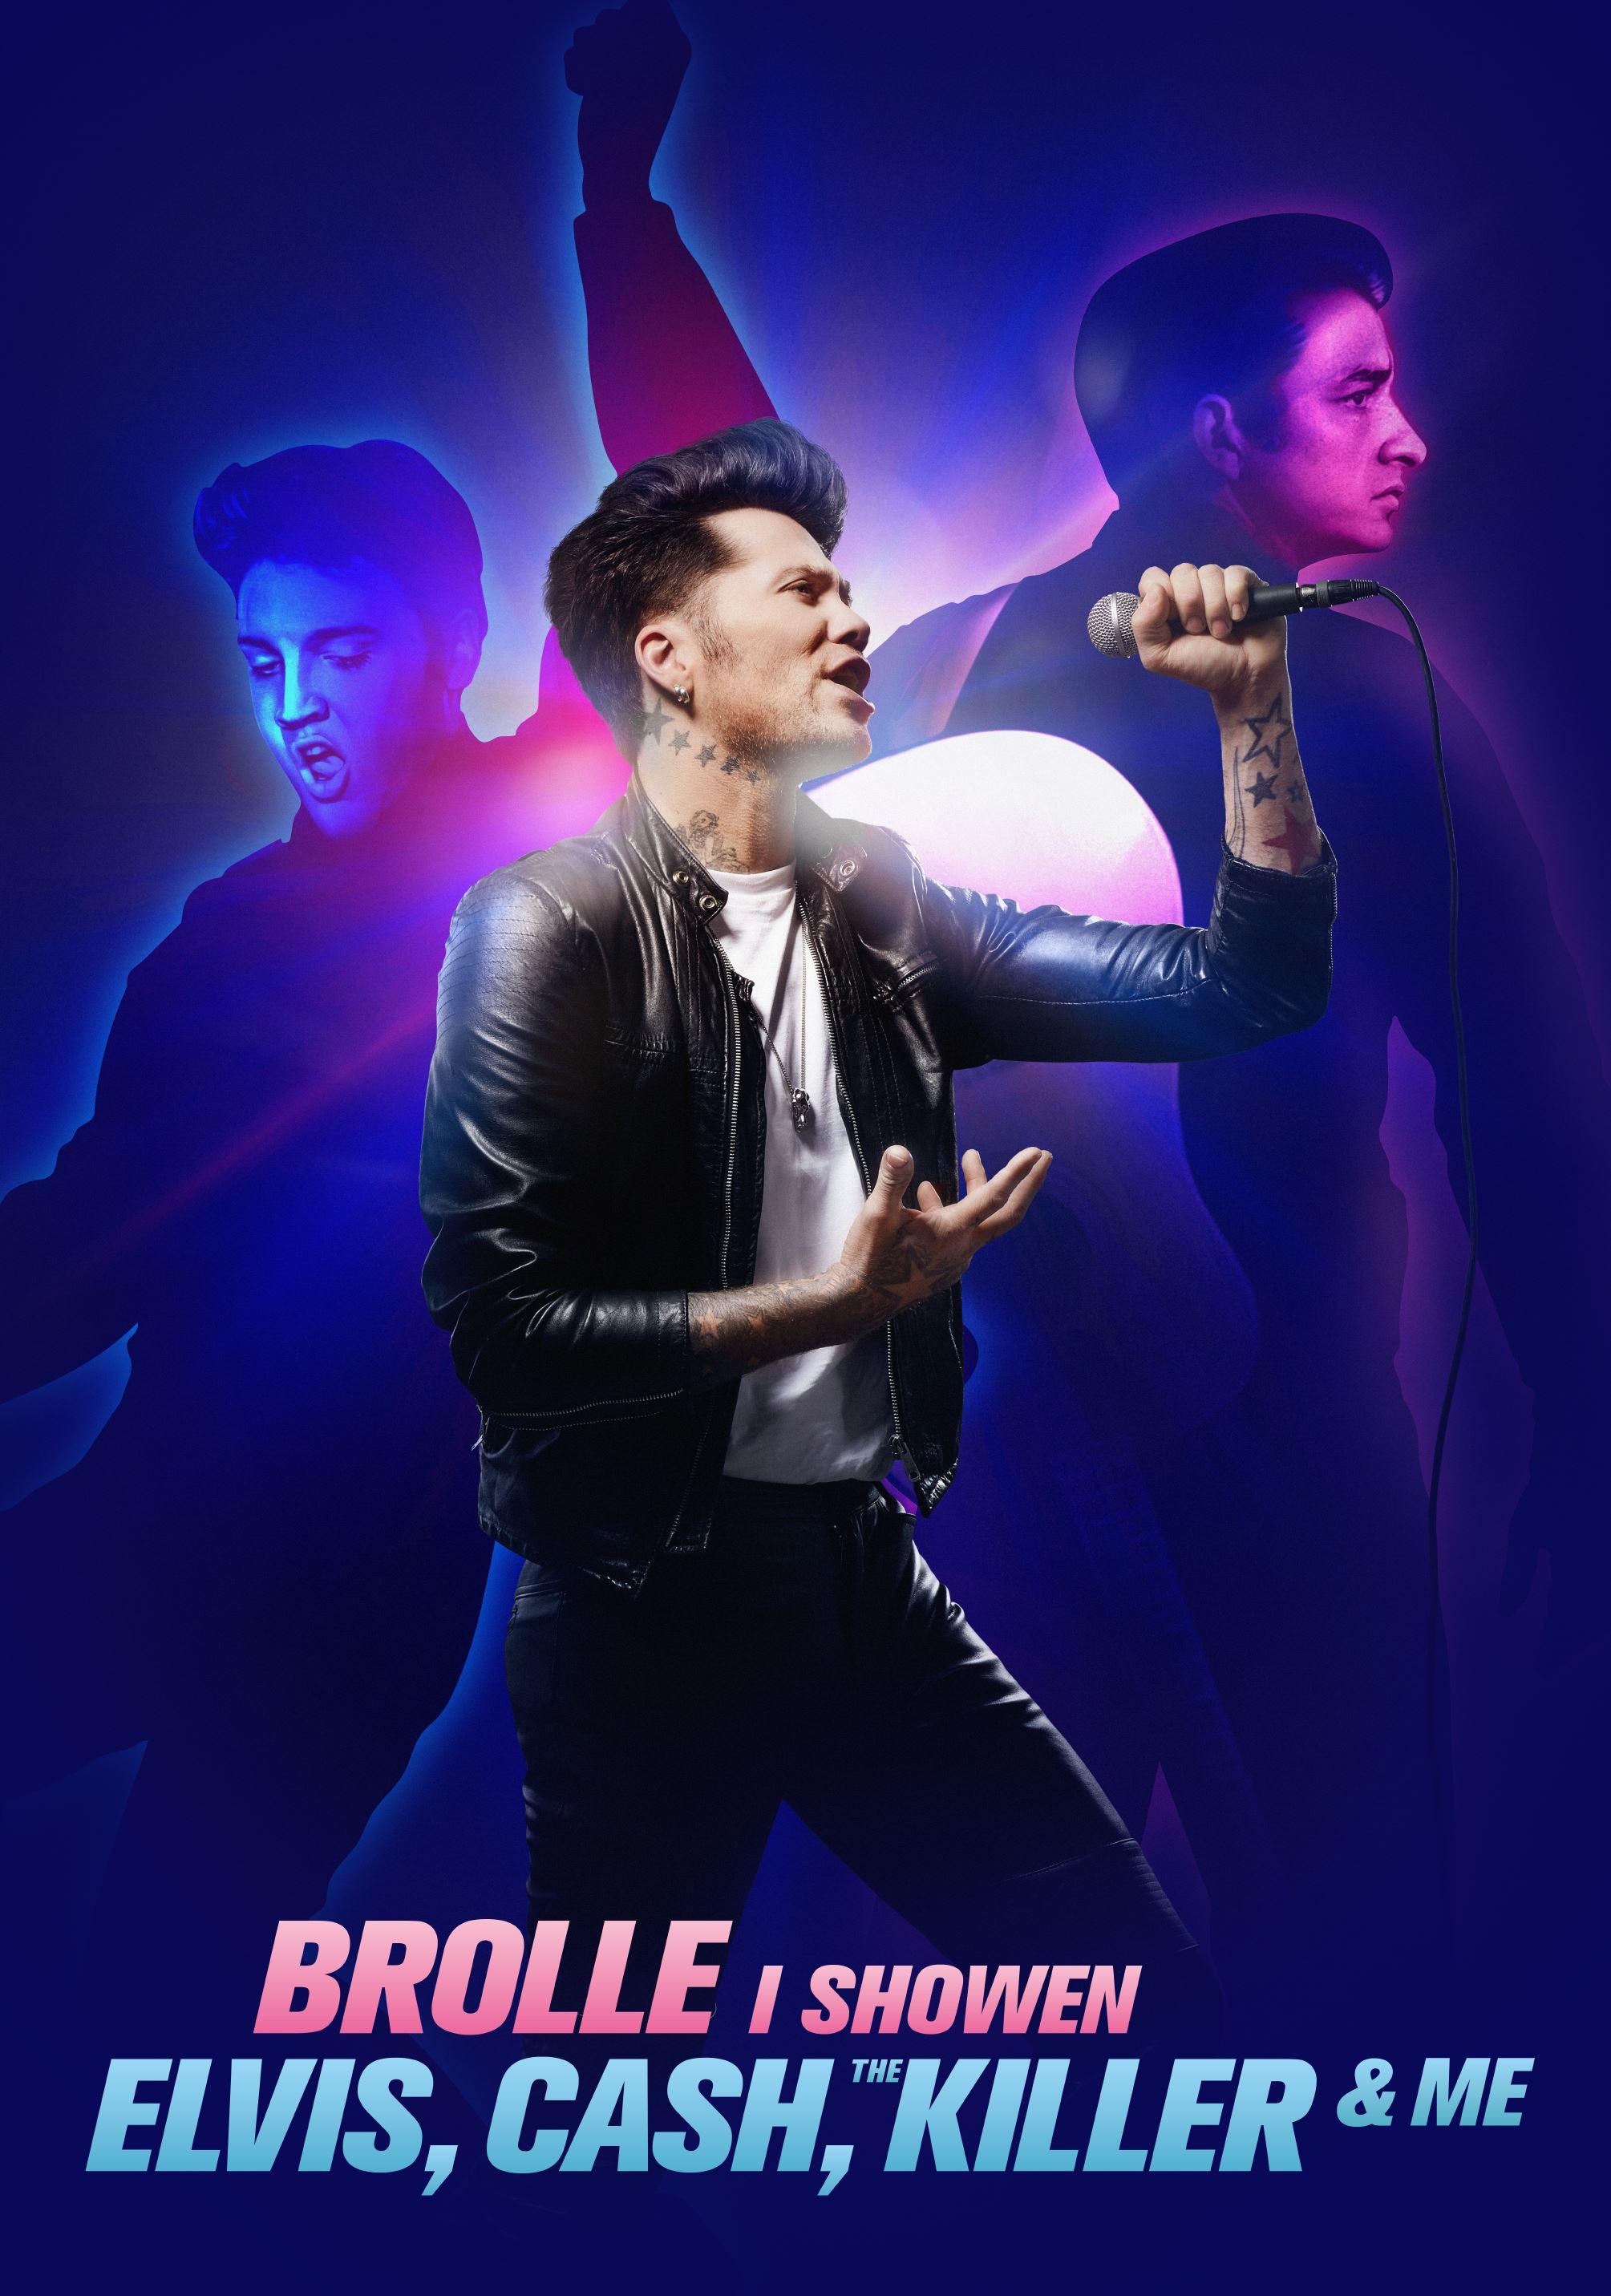 Brolle i showen - Elvis, Cash, The Killer & me